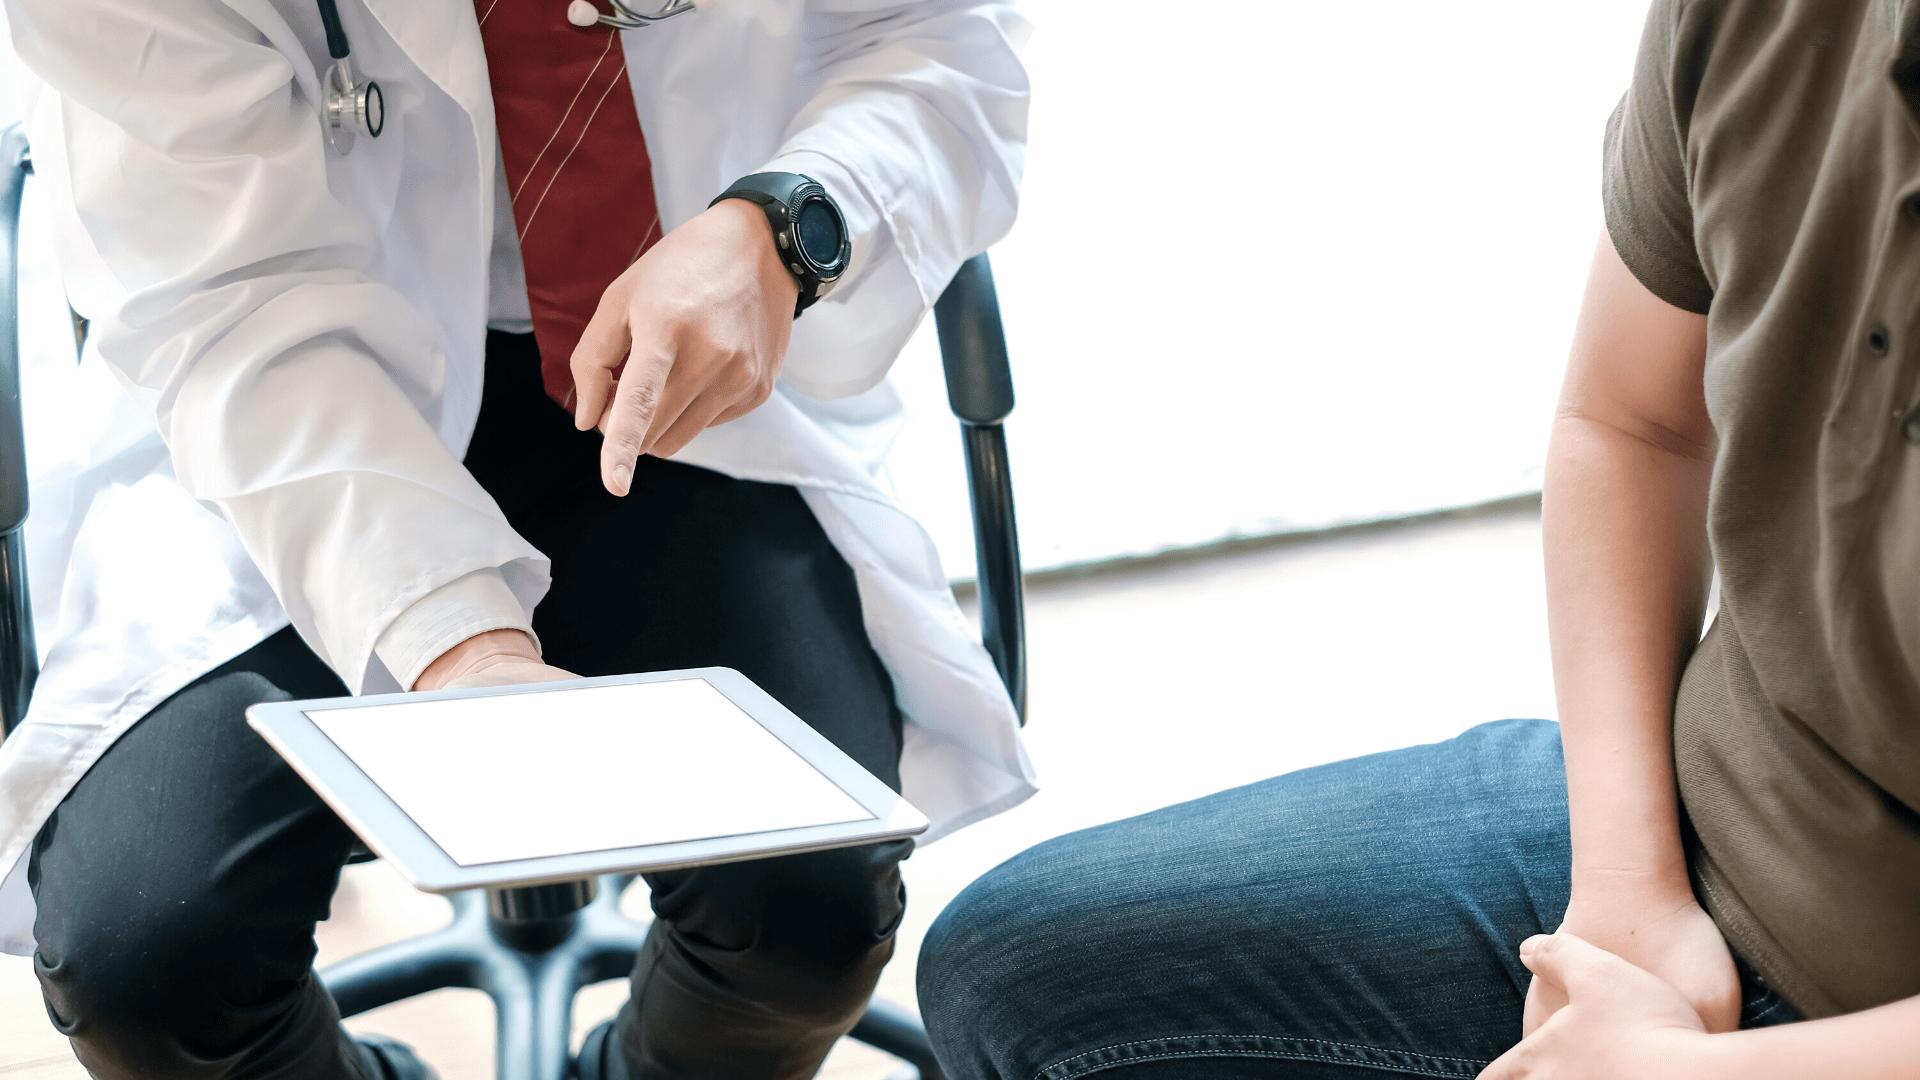 Síntomas del cáncer de próstata: cómo reconocerlos